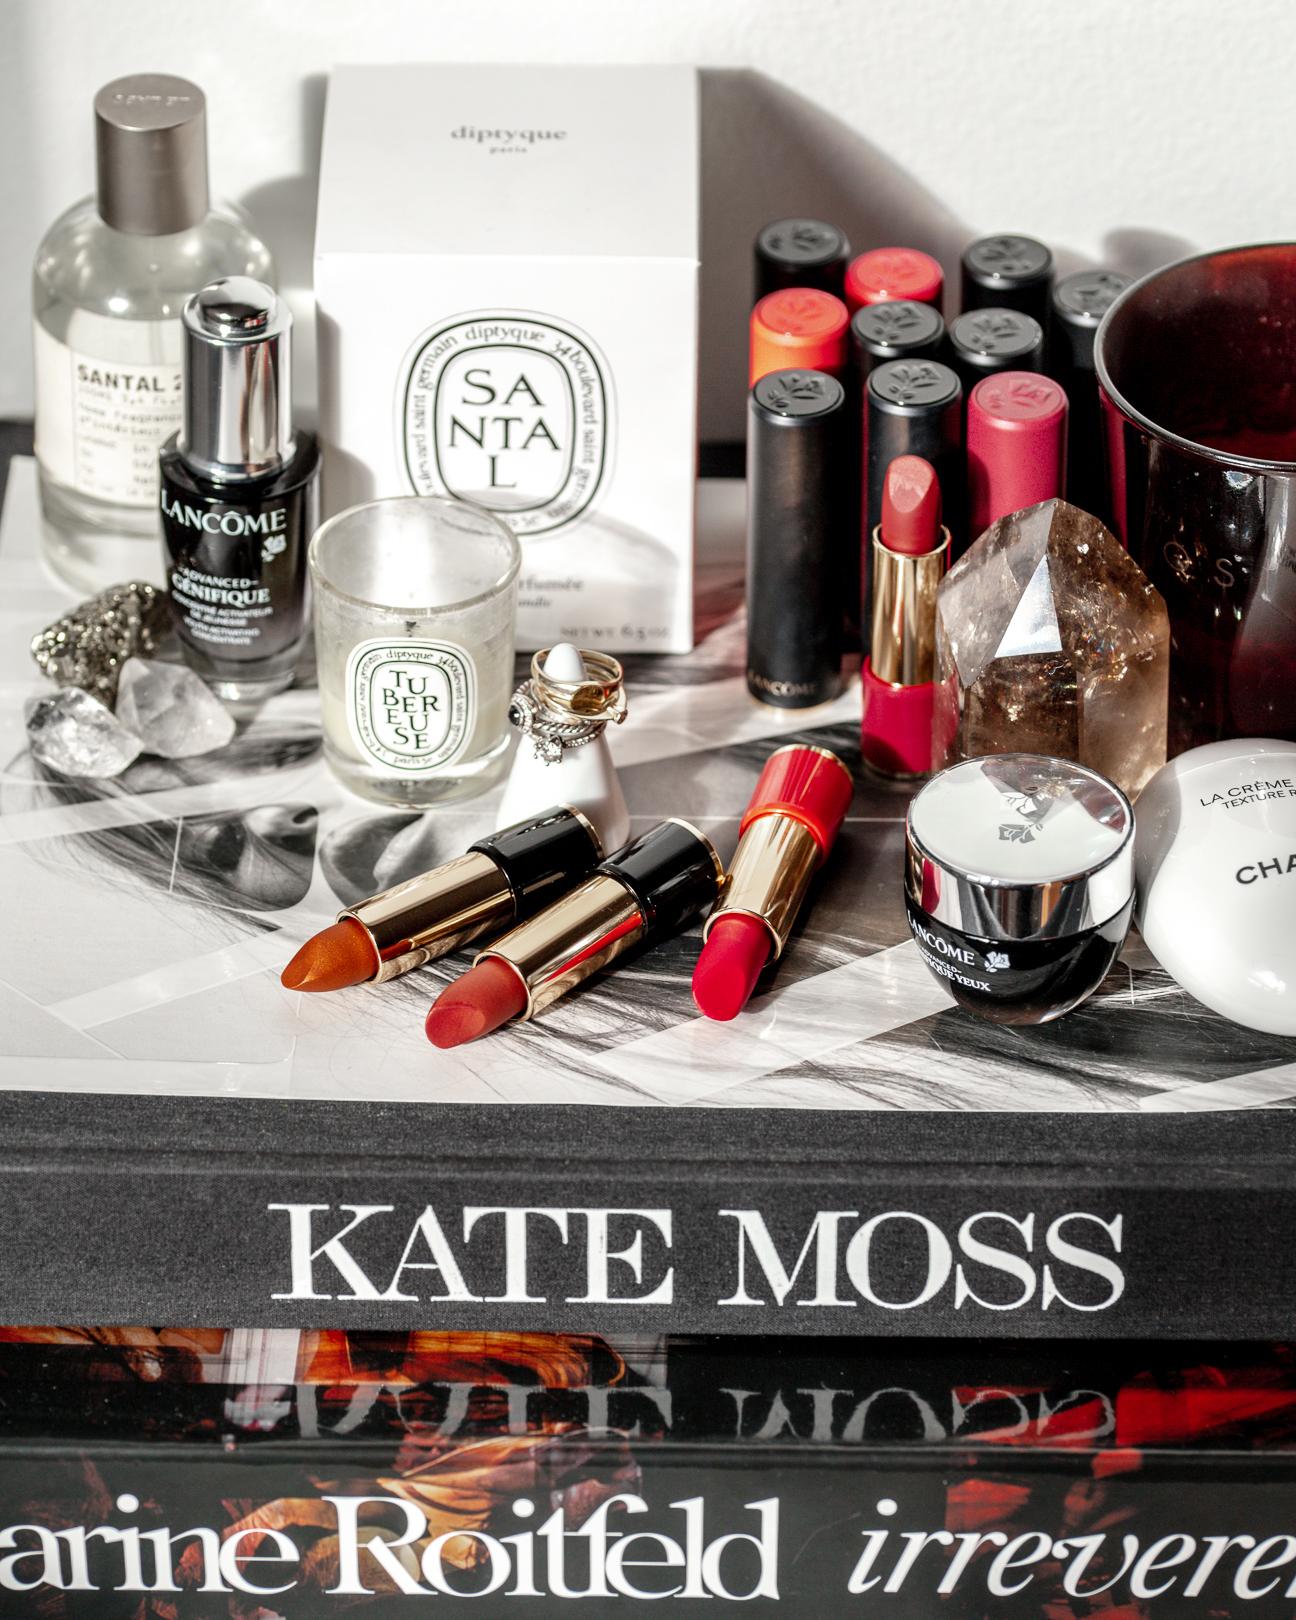 PINTEREST @woahstyle - Lancome L'Absolu Rouge Drama Matte Lipstick - beauty lipstick blog - LIPSICK.ME_6195.jpg